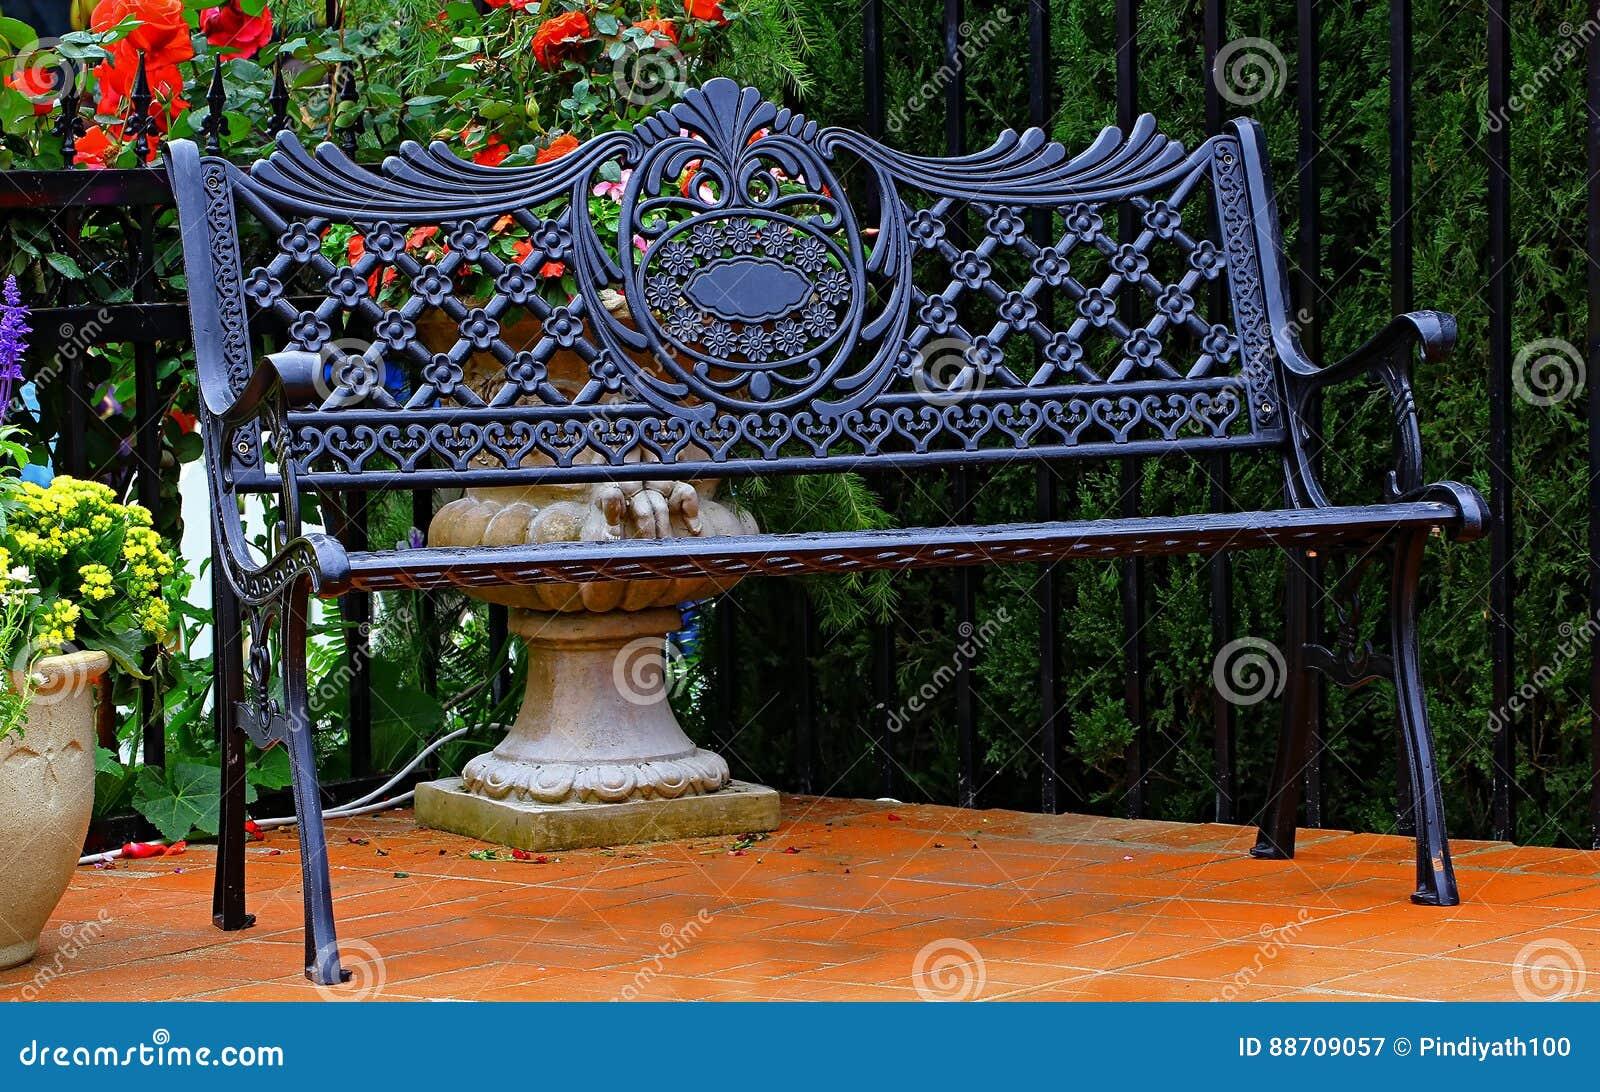 Retro- Metallbank In Einem Garten Stockbild - Bild von elegant ...